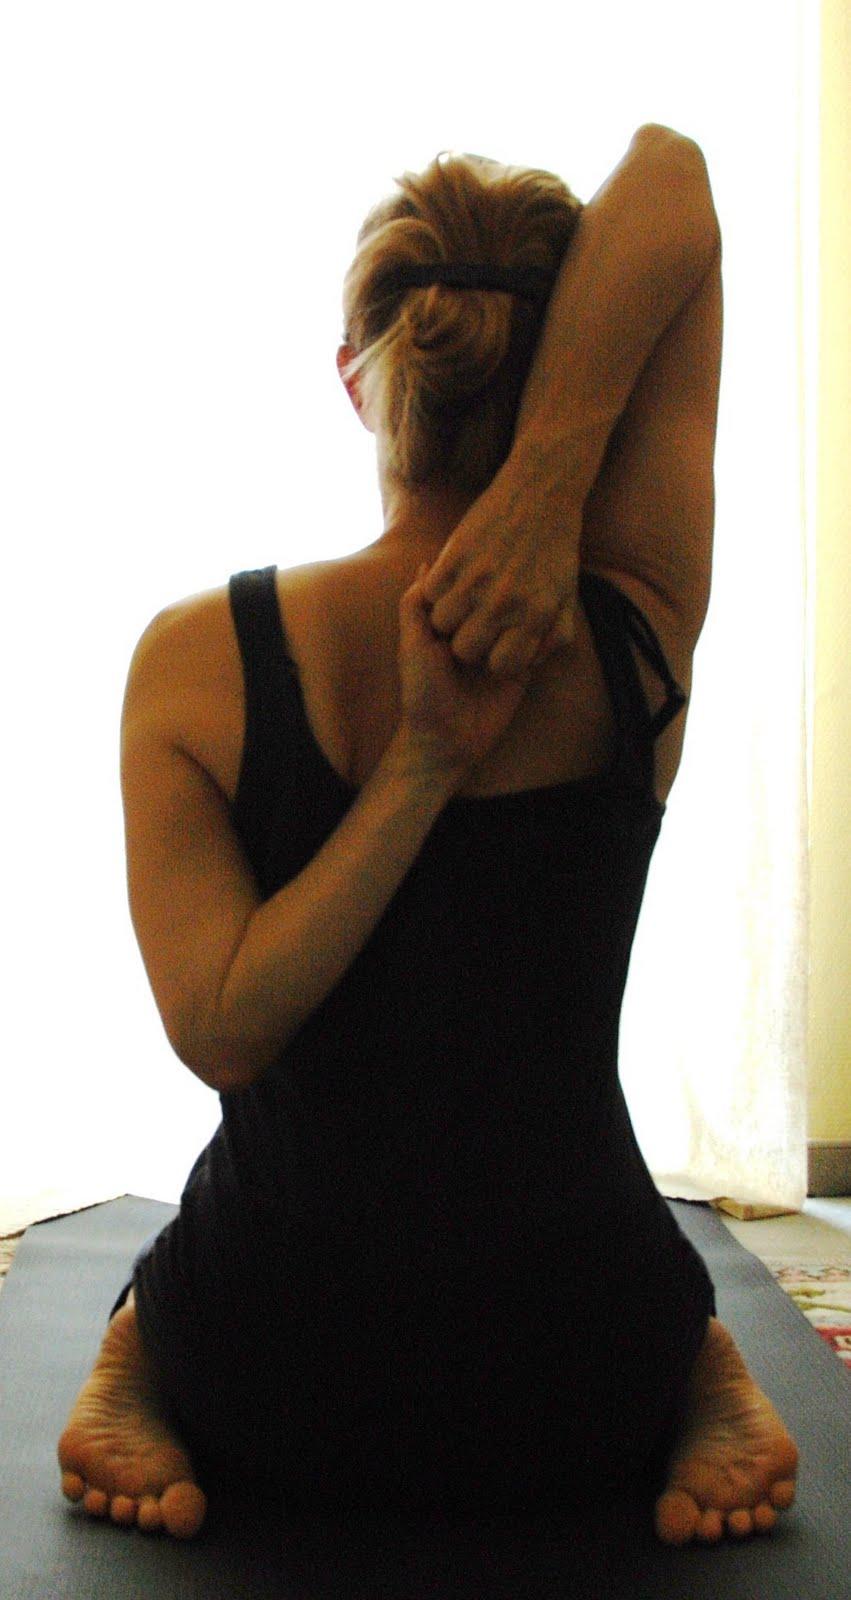 My Yoga Blog: Learning the next pose, gomukhasana